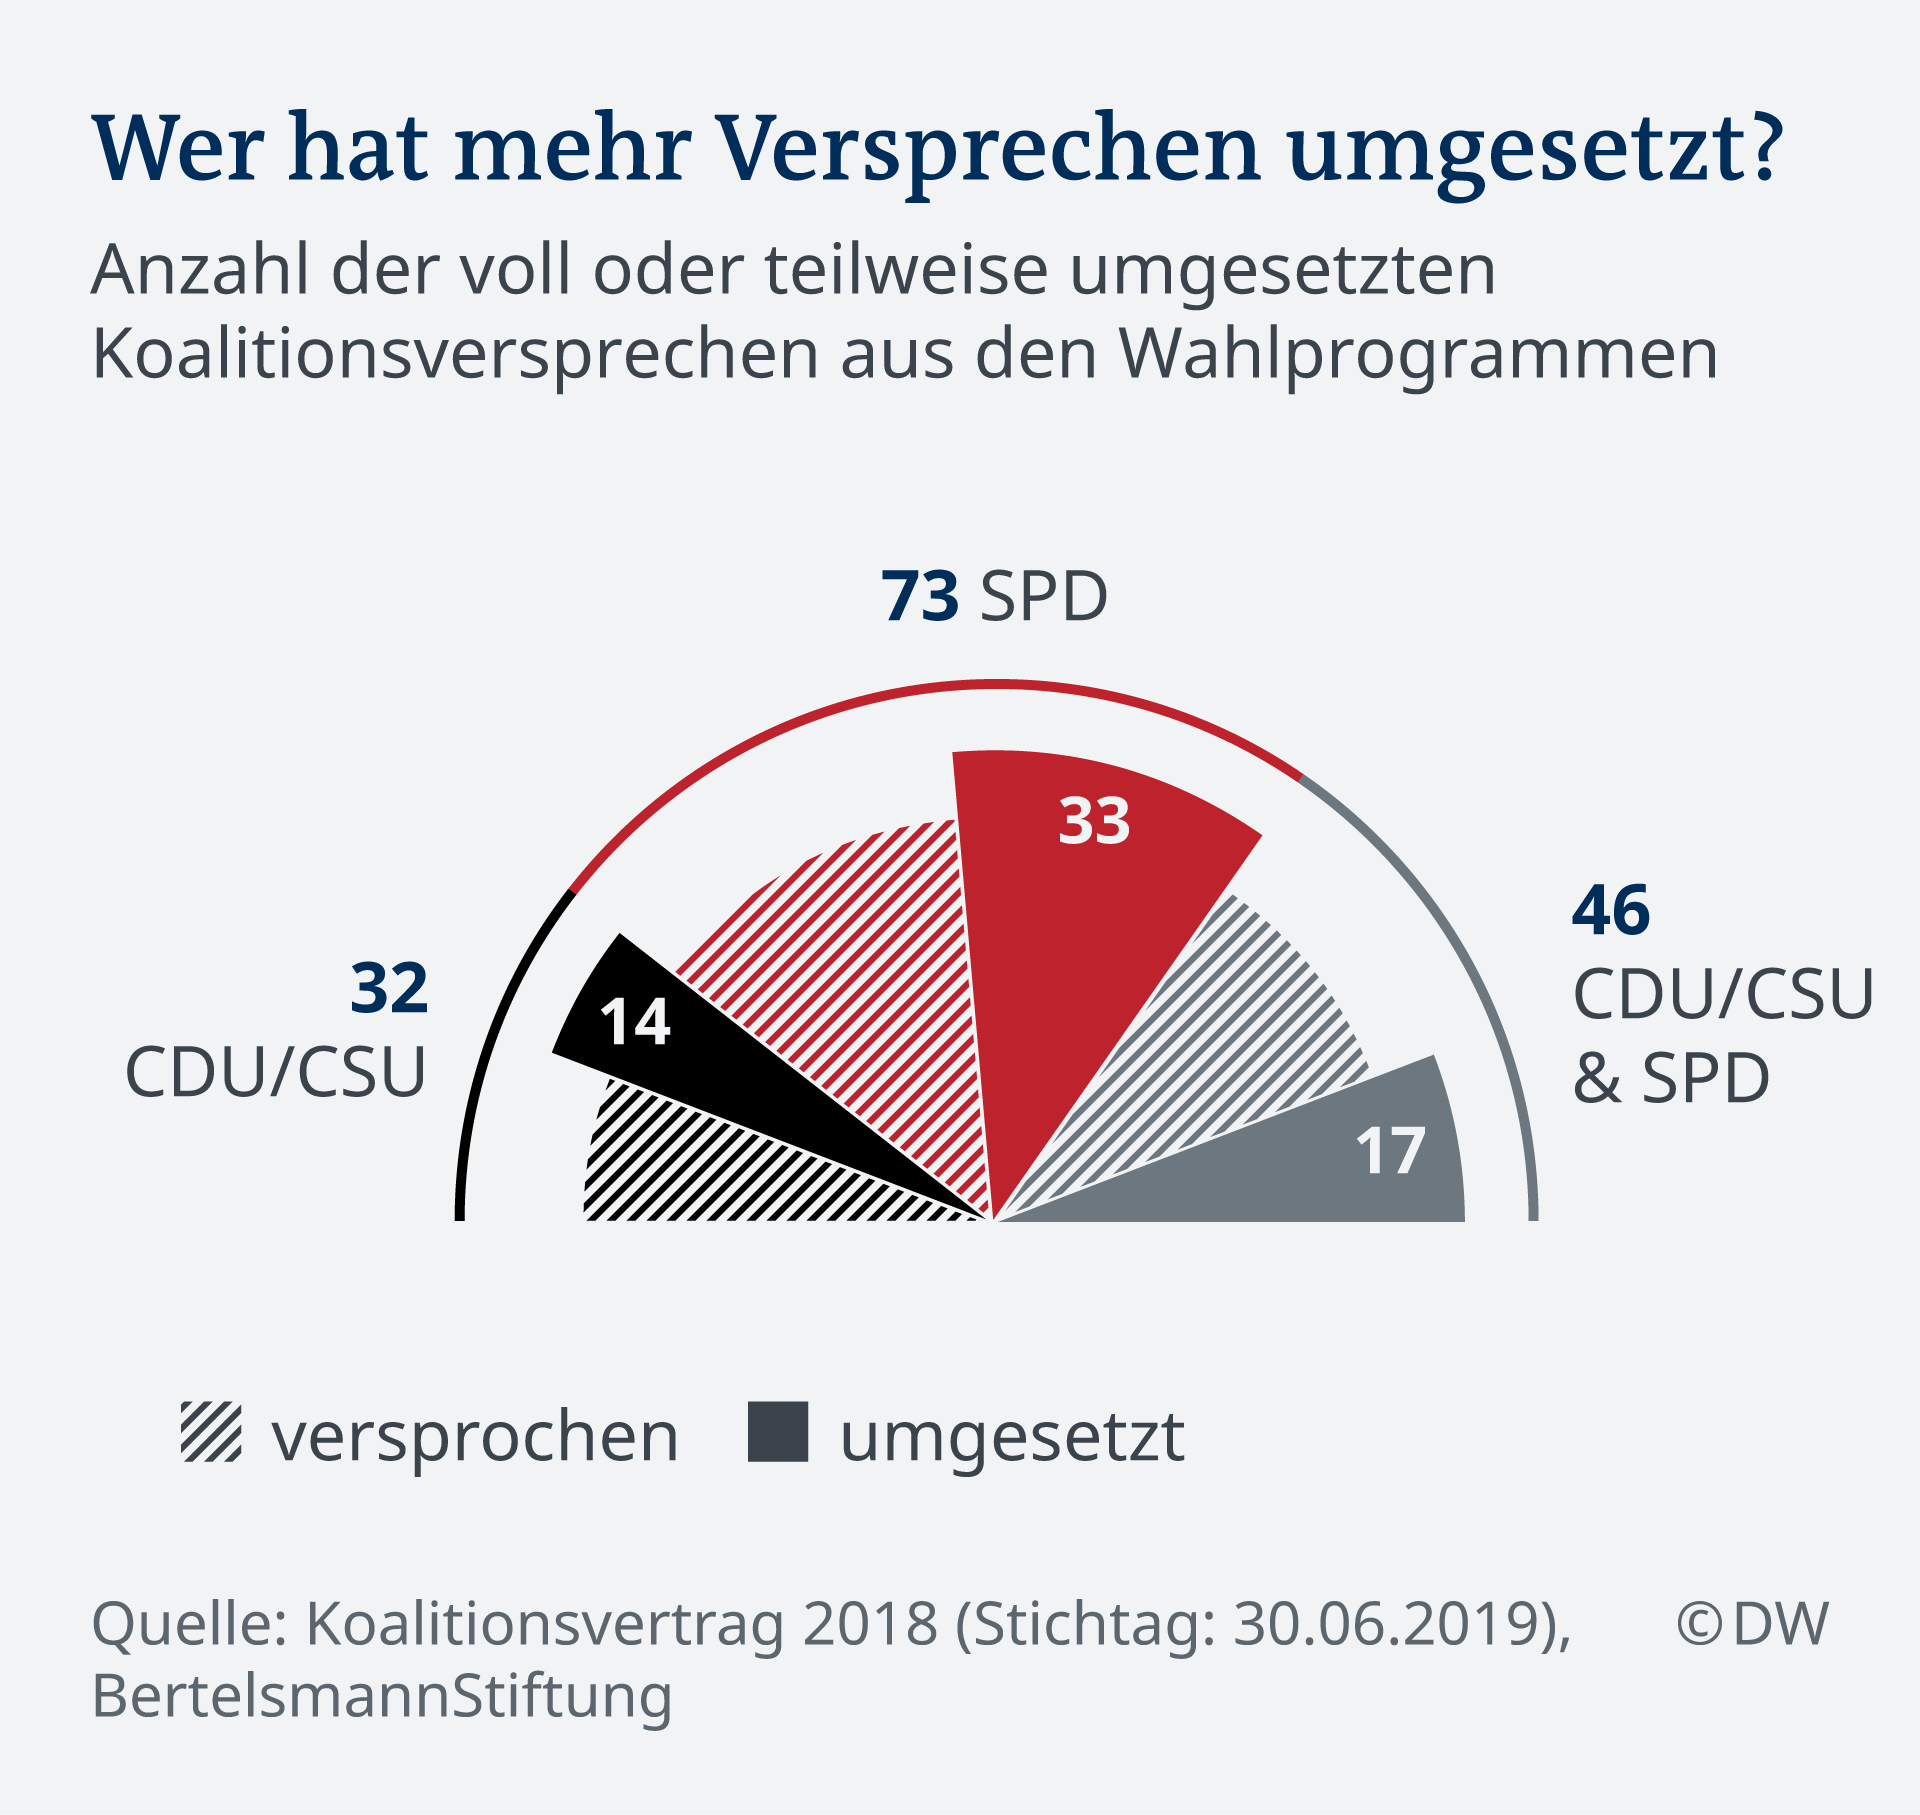 Infografik Tatsächliche Umsetzung von Wahlerversprechen von CDU/CSU und SPD DE